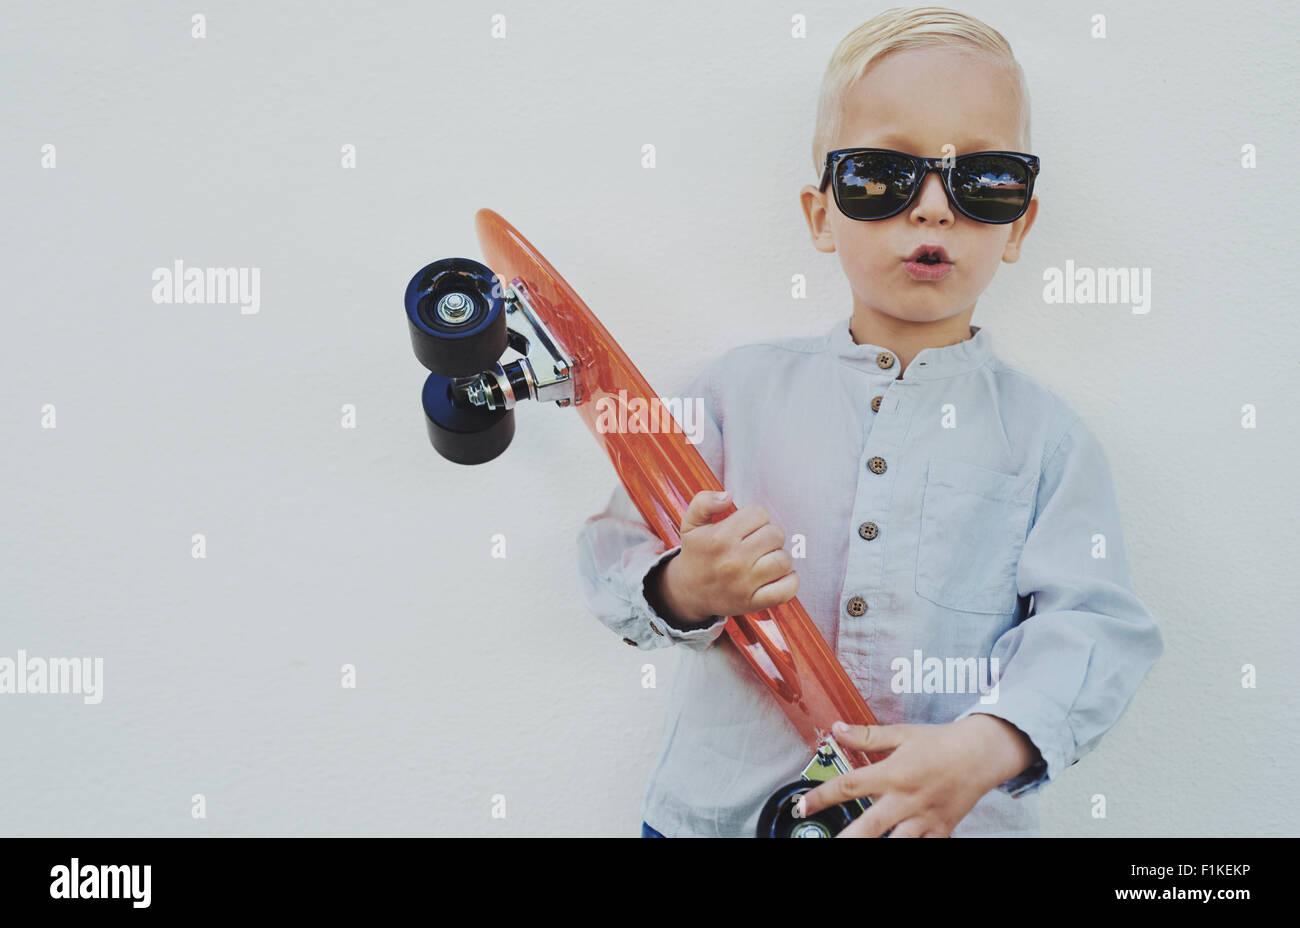 Tanga adorabile ragazzino con uno skateboard indossando occhiali da sole preso in prestito dalla sua mamma e papà Immagini Stock